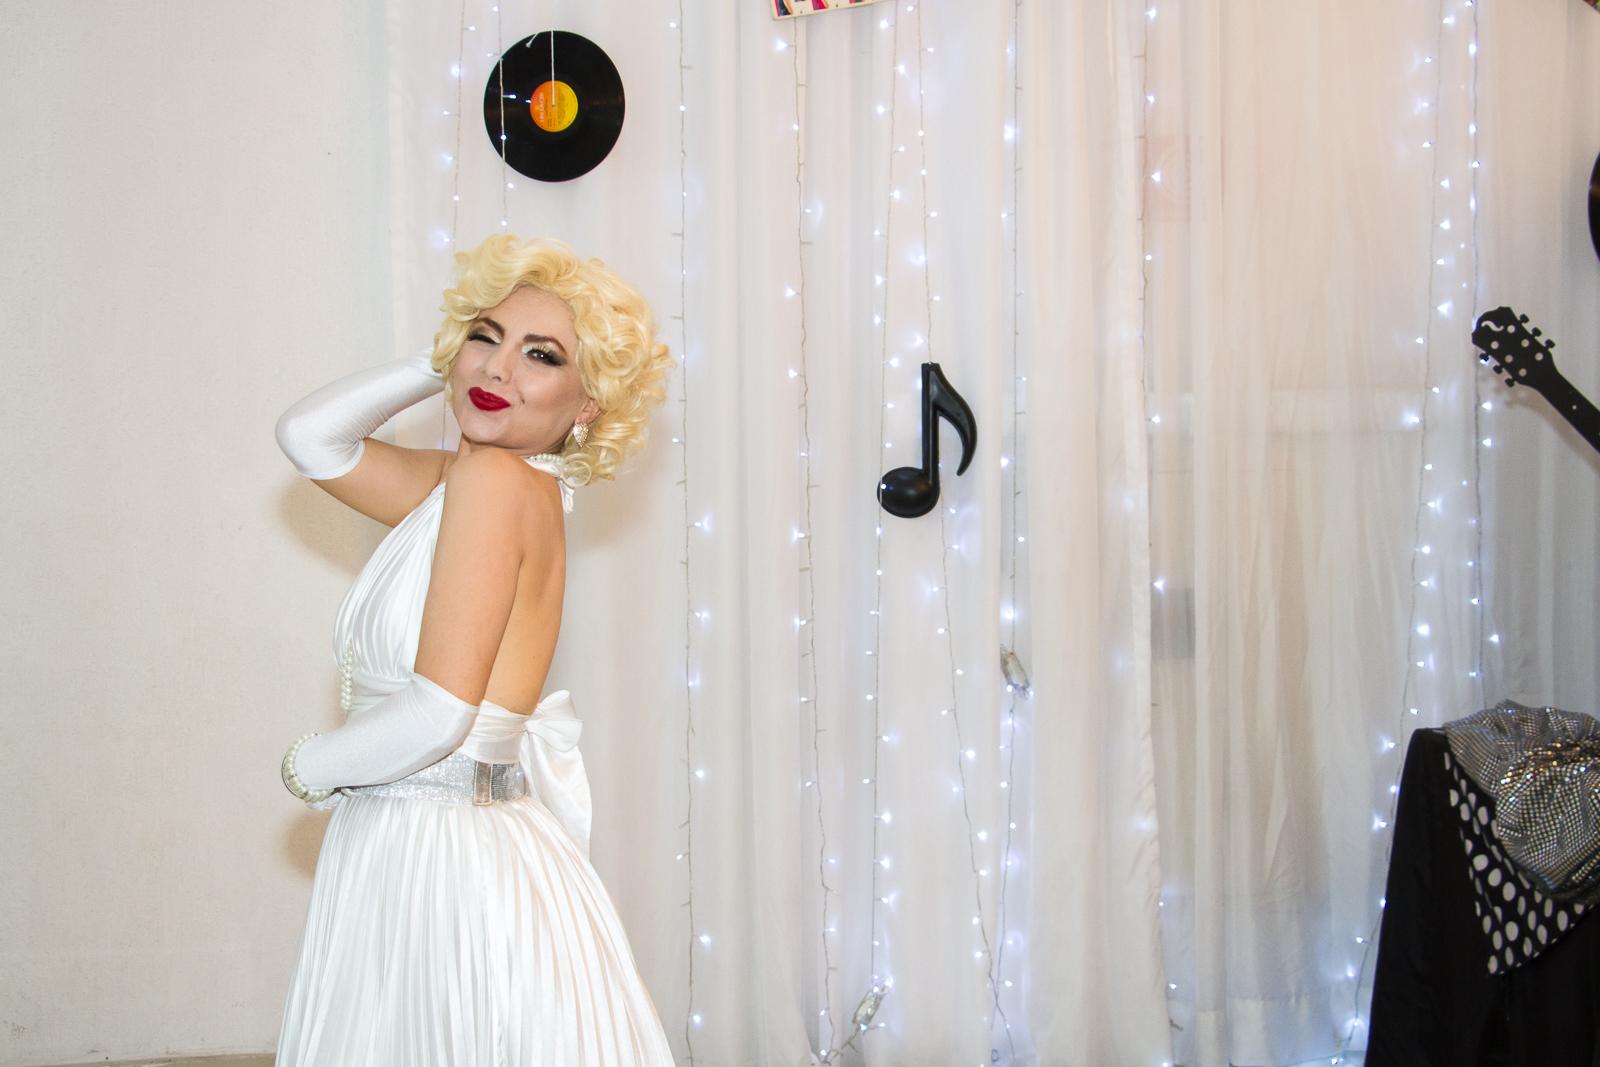 Festa de confraternização com Marilyn Monroe por Paulo Matheus Fotógrafo